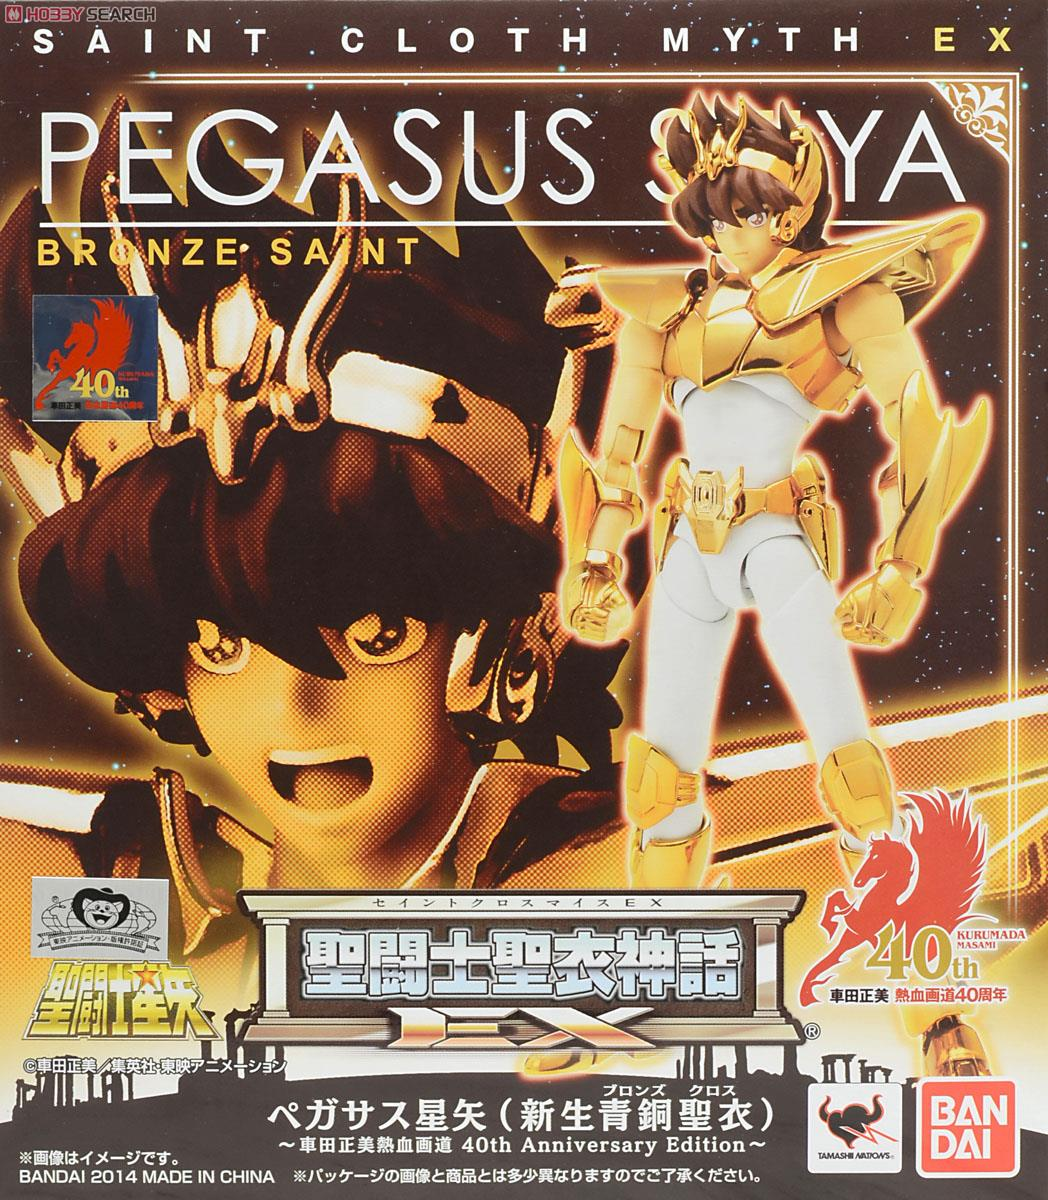 (เหลือ 1 ชิ้น รอเมล์ฉบับที่2 ยืนยัน ก่อนโอน) Saint Cloth Myth EX Pegasus Seiya (New Bronze Cloth) -Masami Kurumada Nekketsugado 40th Anniversary Edition-(PVC Figure)